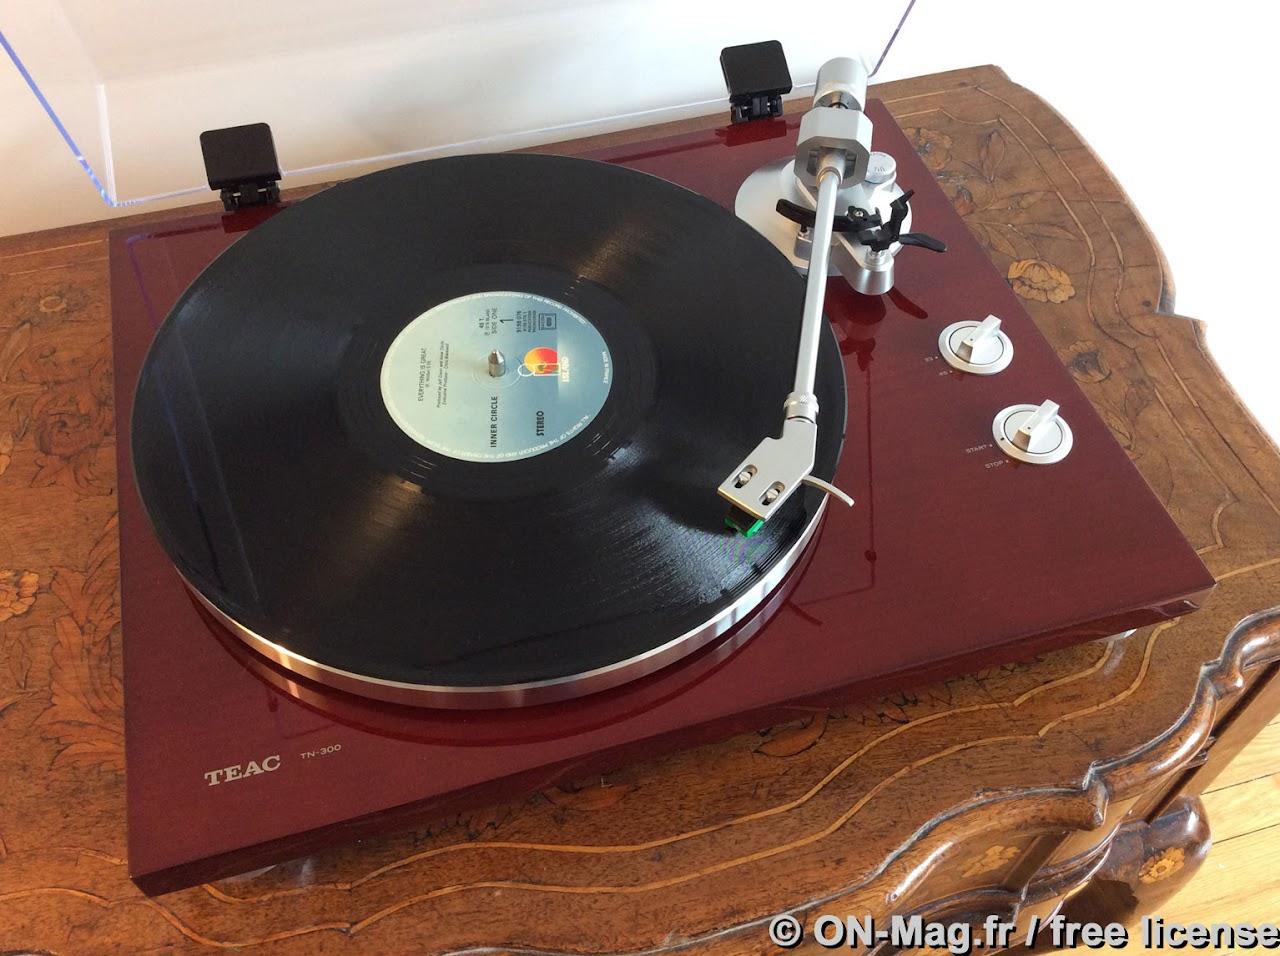 test platine vinyle teac tn 300 une bonne introduction au monde du disque analogique. Black Bedroom Furniture Sets. Home Design Ideas